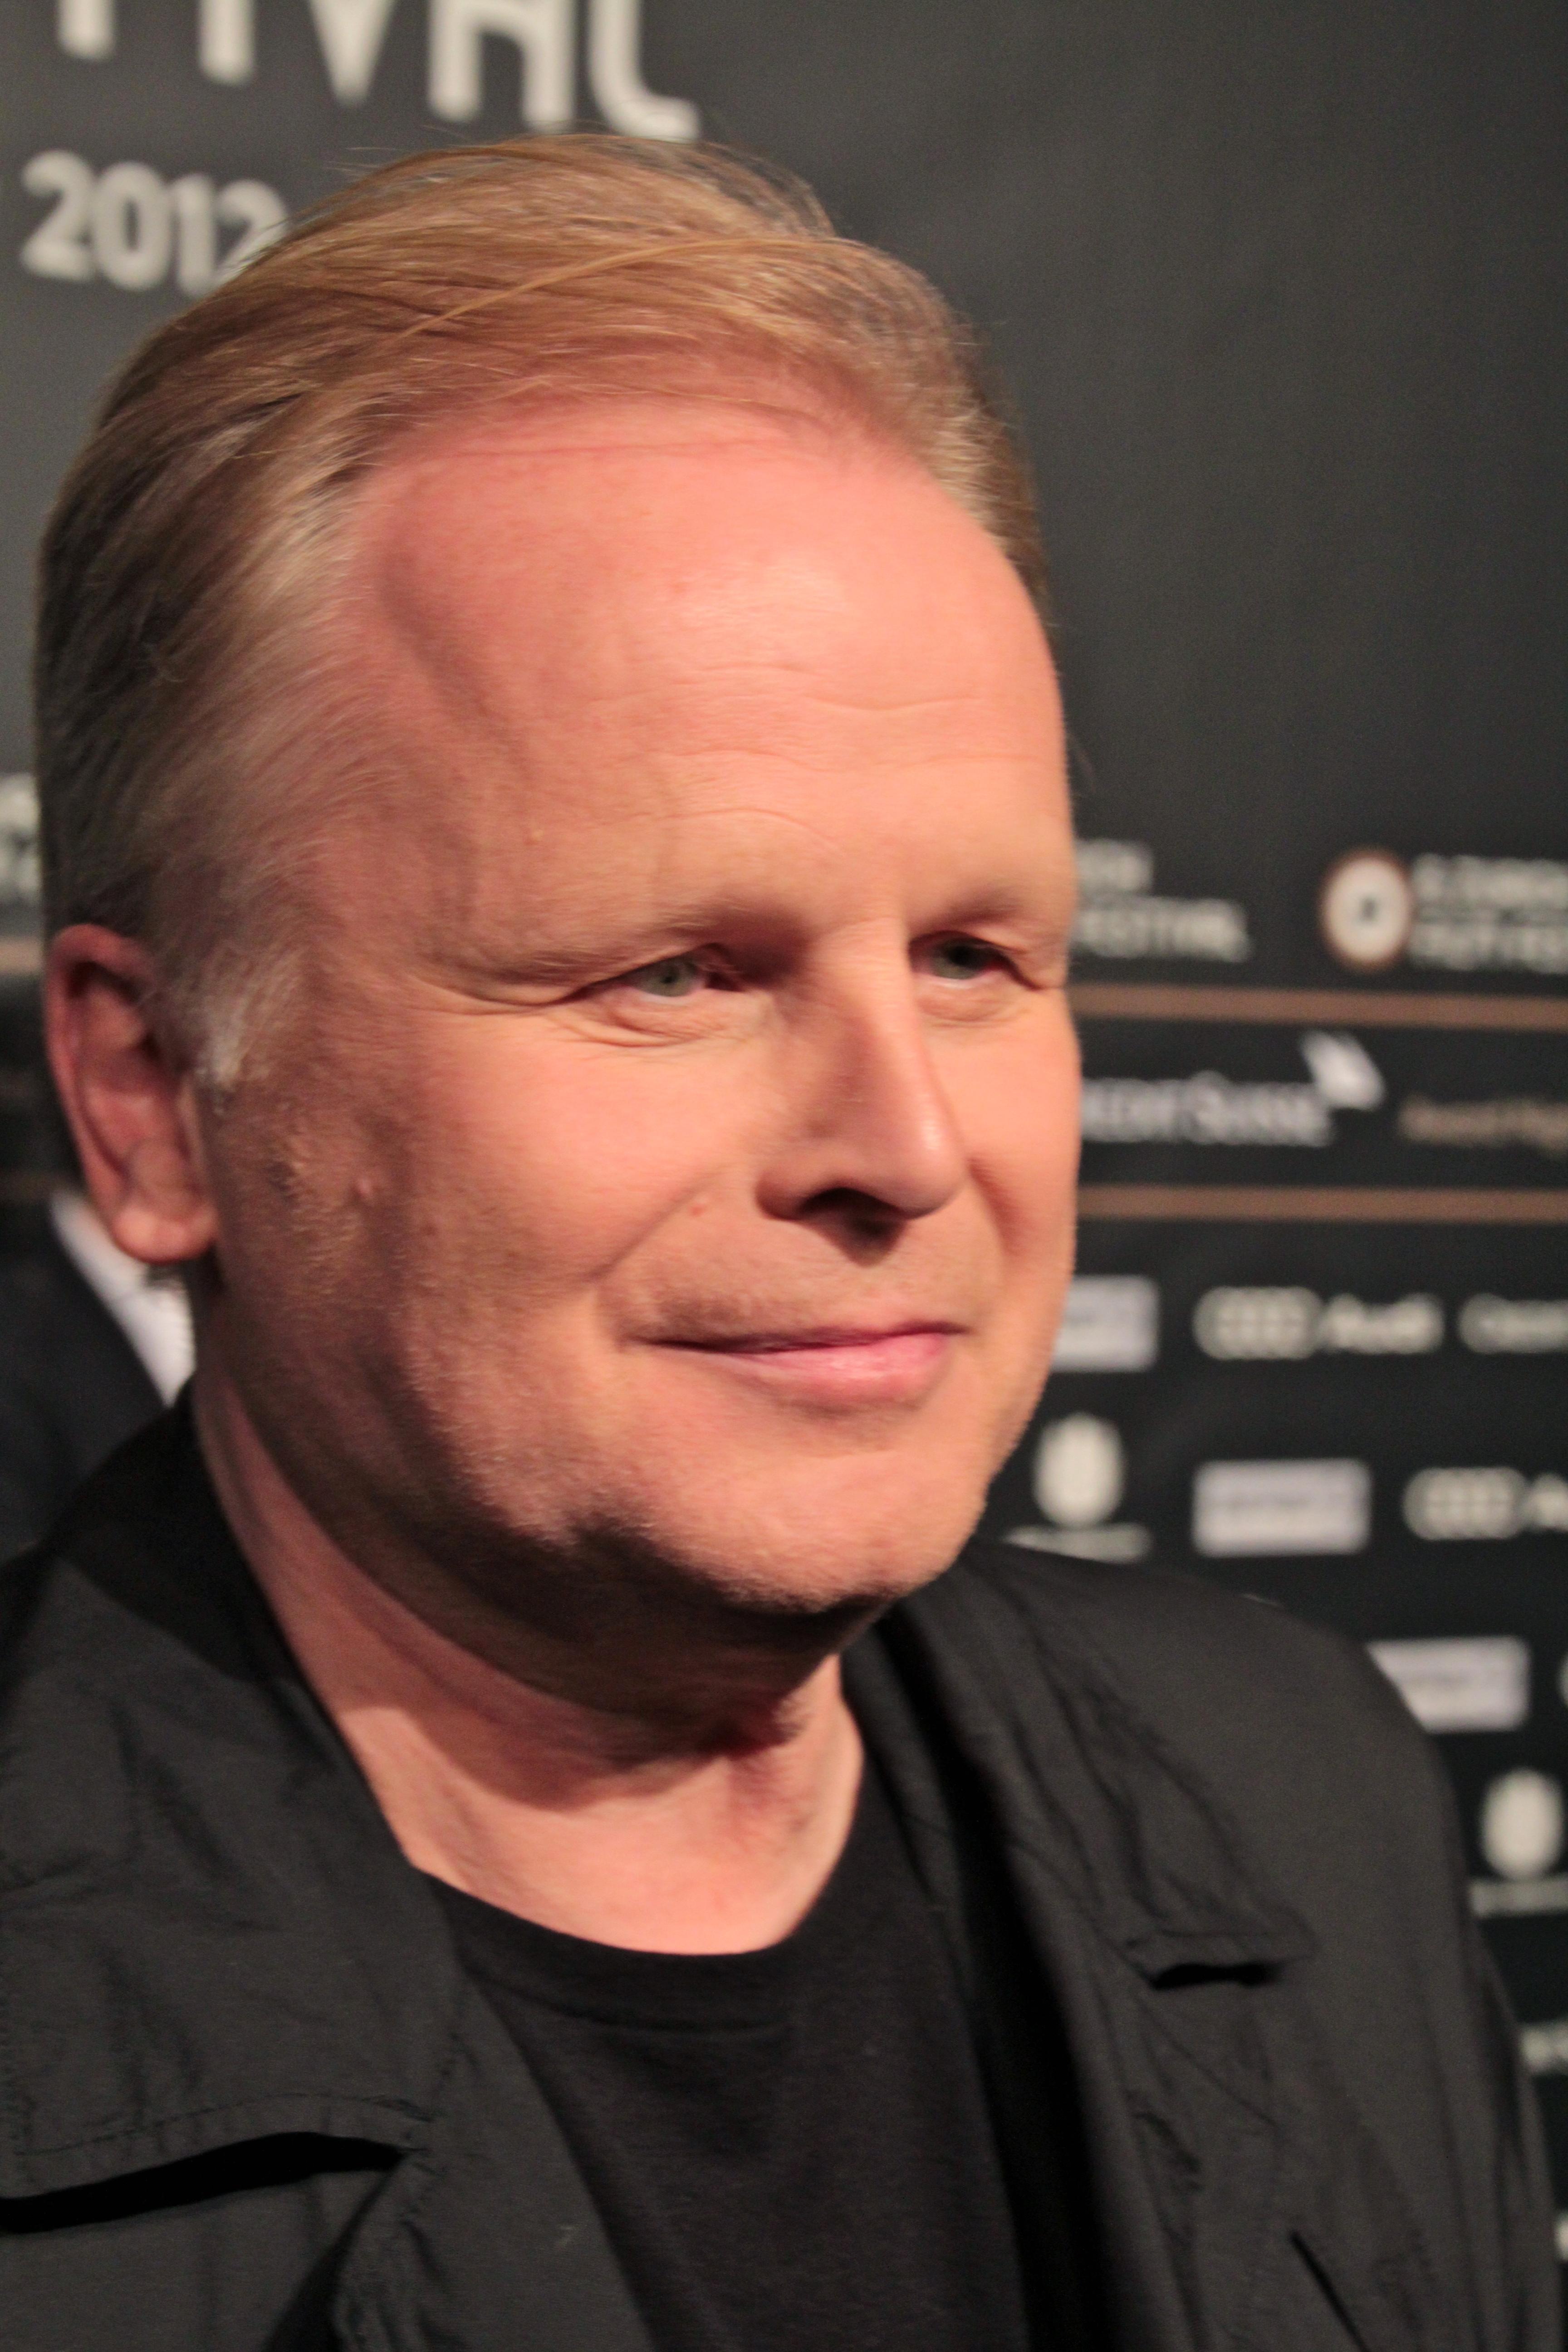 Herbert Groenemayer, Zurich Film Festival 2012 © NewInZurich